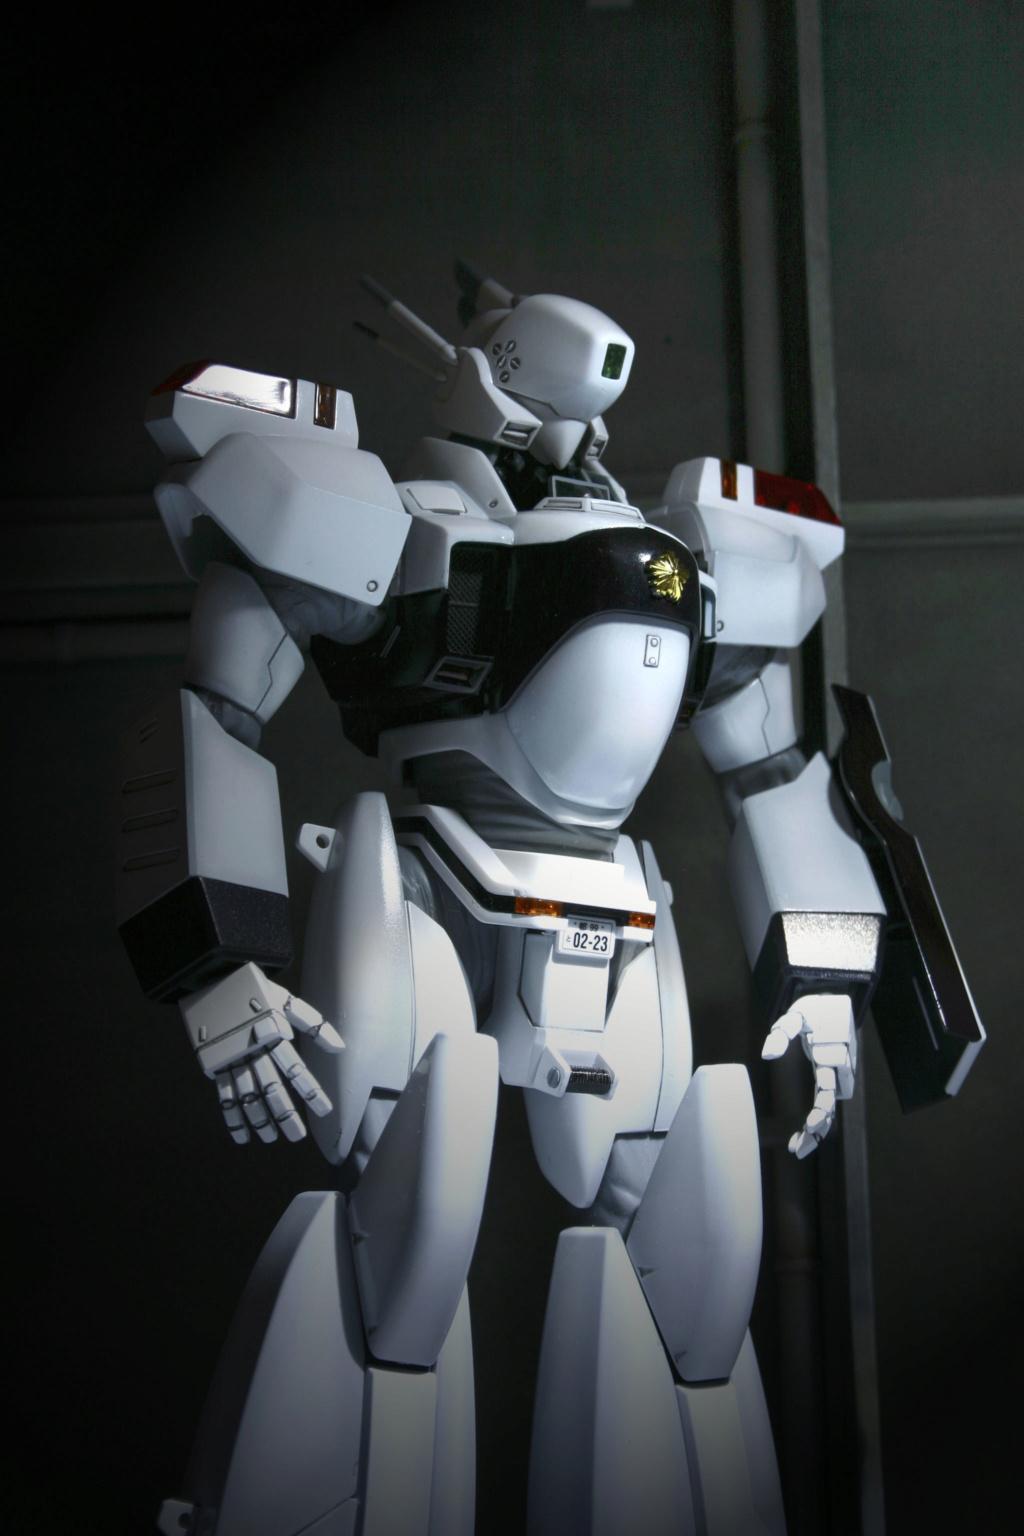 Patlabor - Shinohara AV-98 Ingram 3 Ingram22